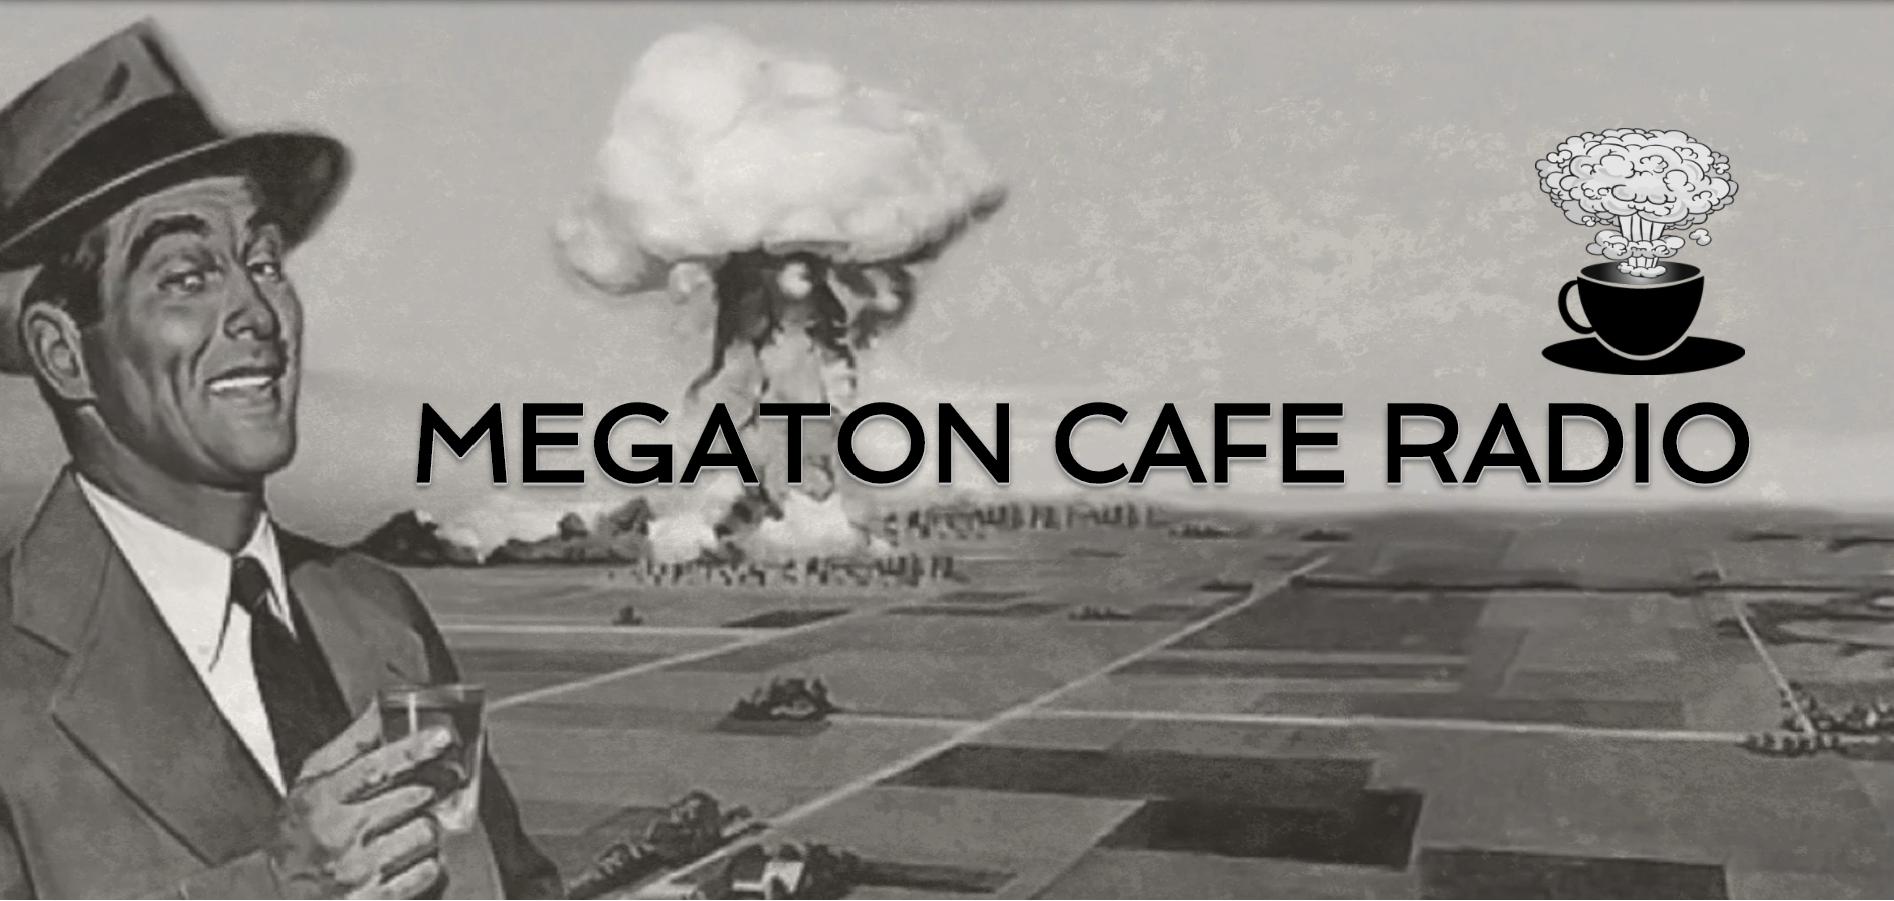 Radio Station | Megaton Cafe Radio